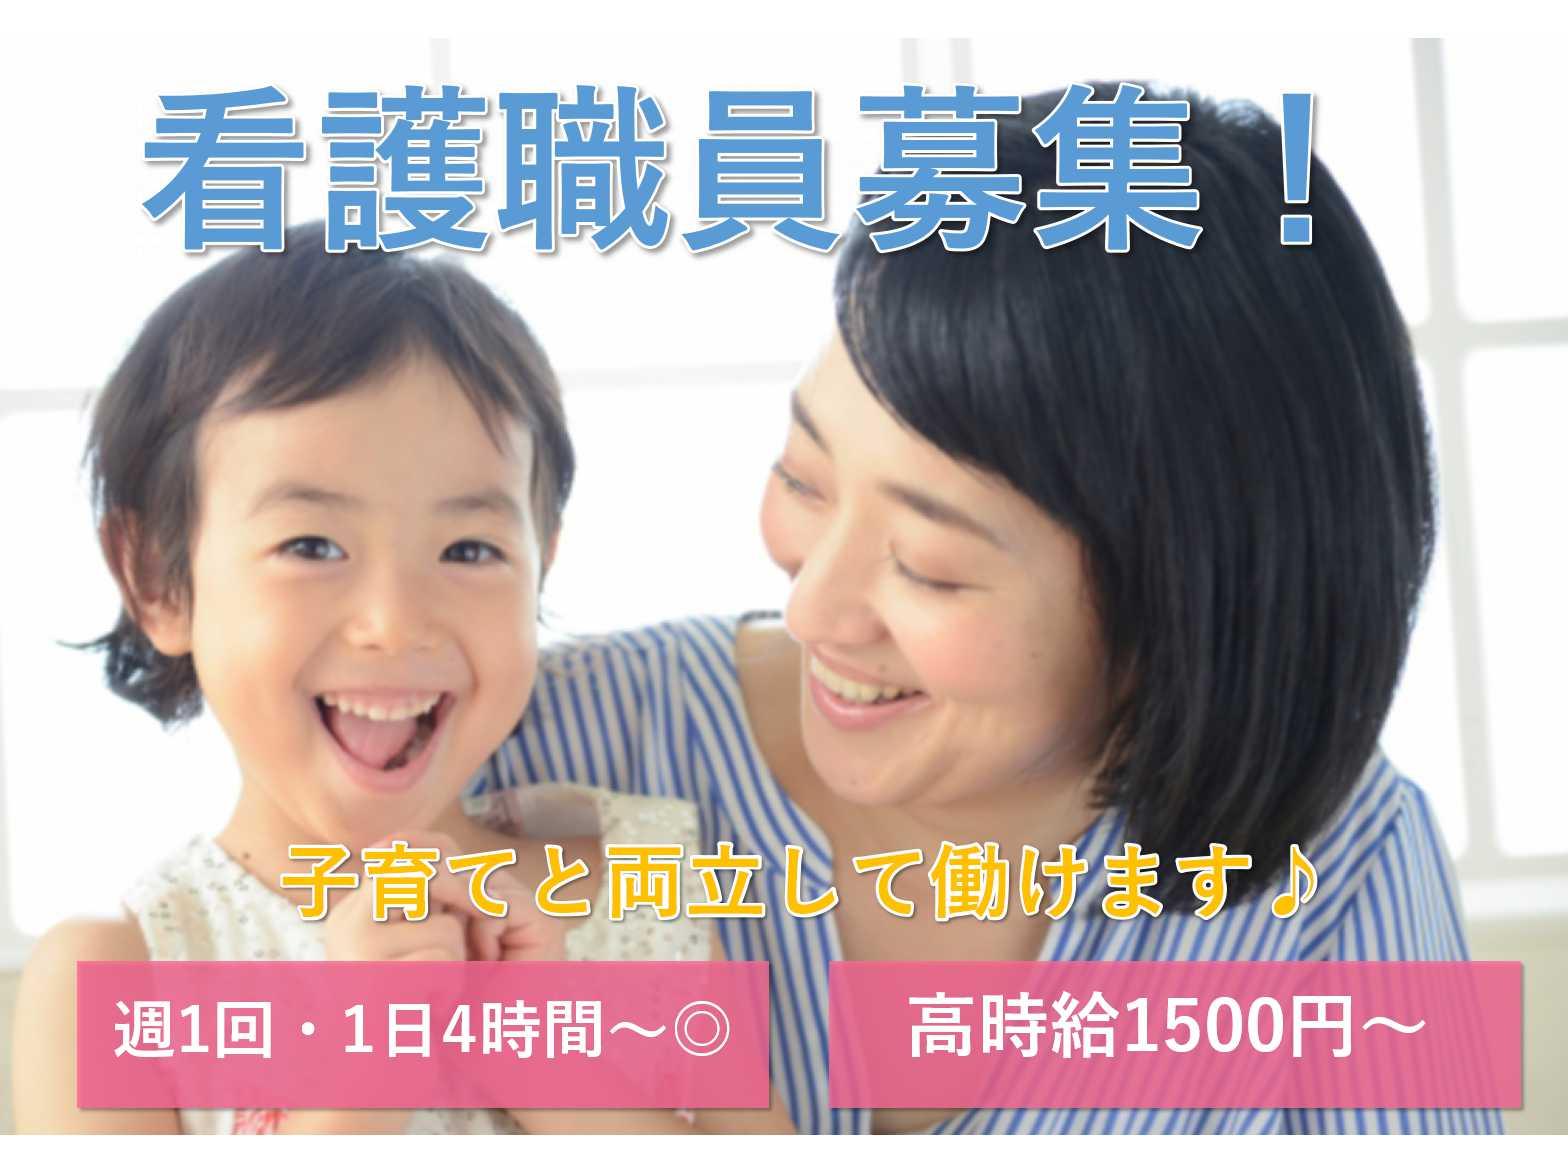 週1回・1日4時間~OK!高時給1500円~!看護職員募集! イメージ